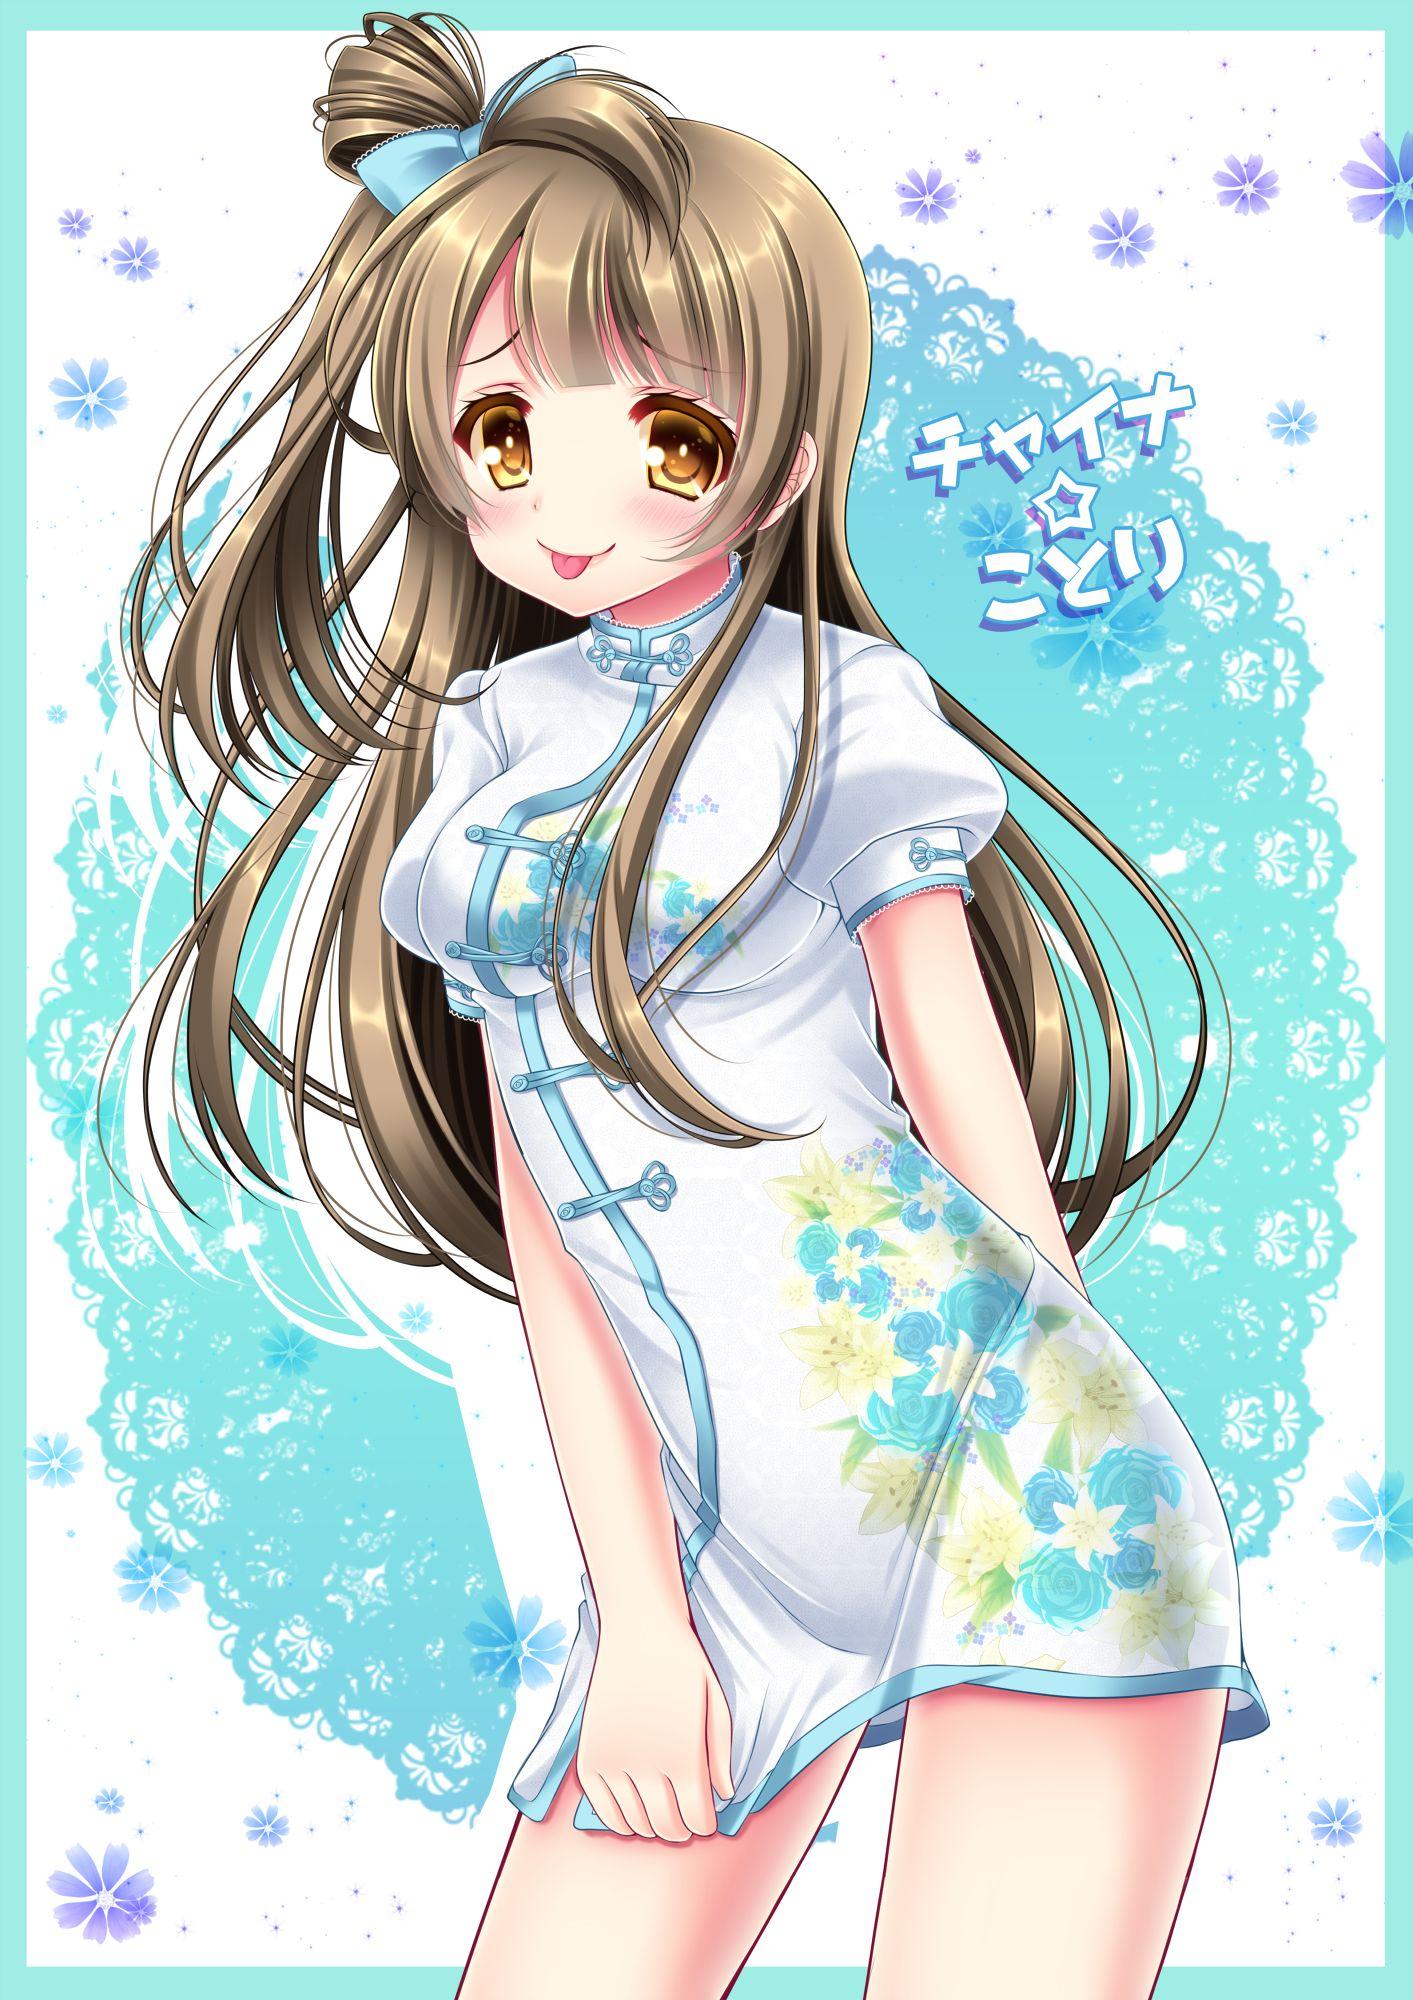 ラブライブ! 南ことり / LoveLive! Minami Kotori #676